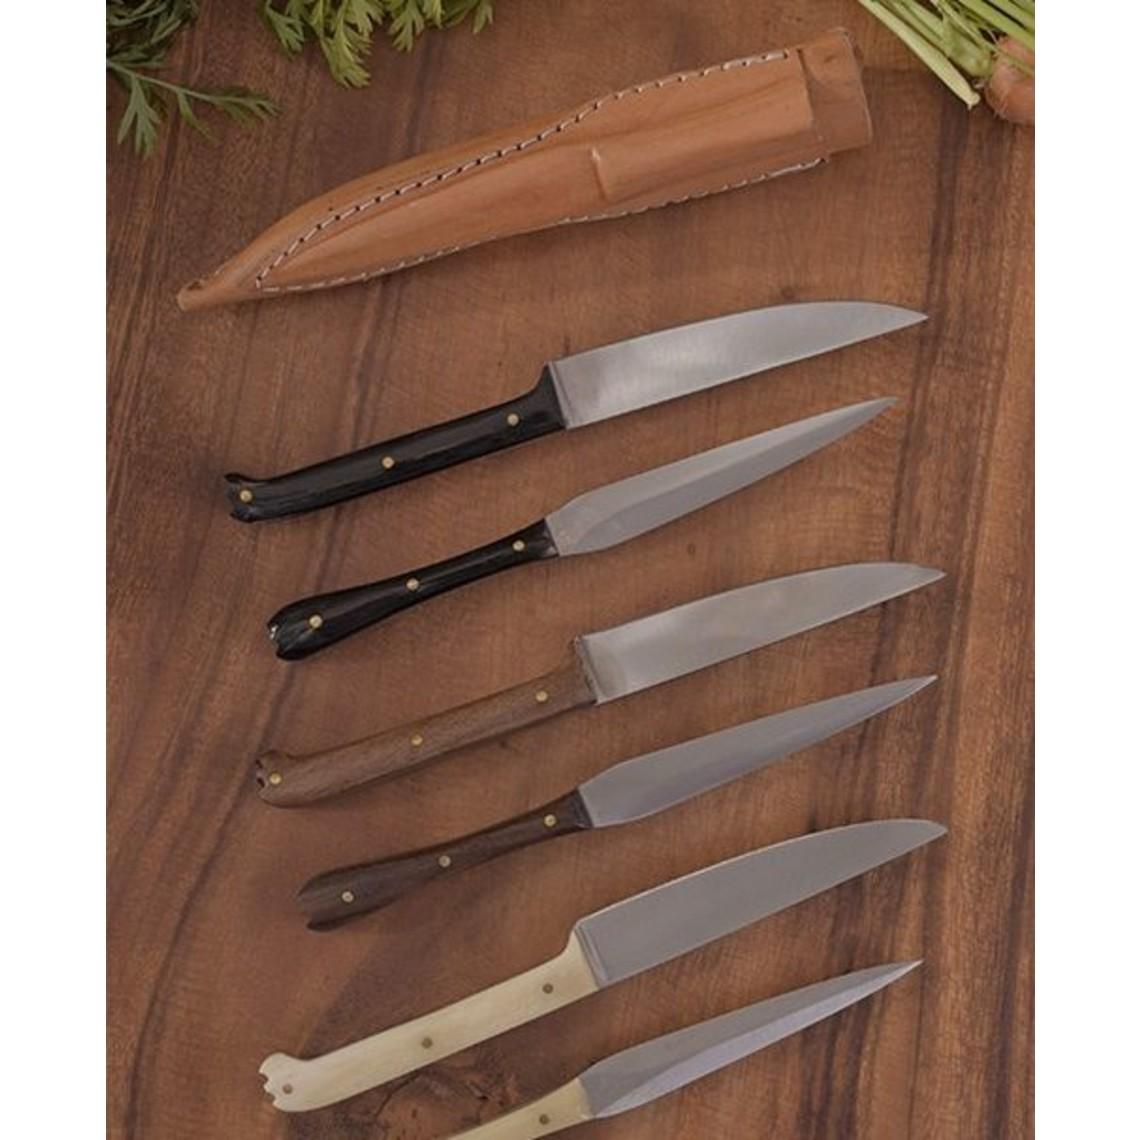 14. Jahrhundert Messer & Essen Pick